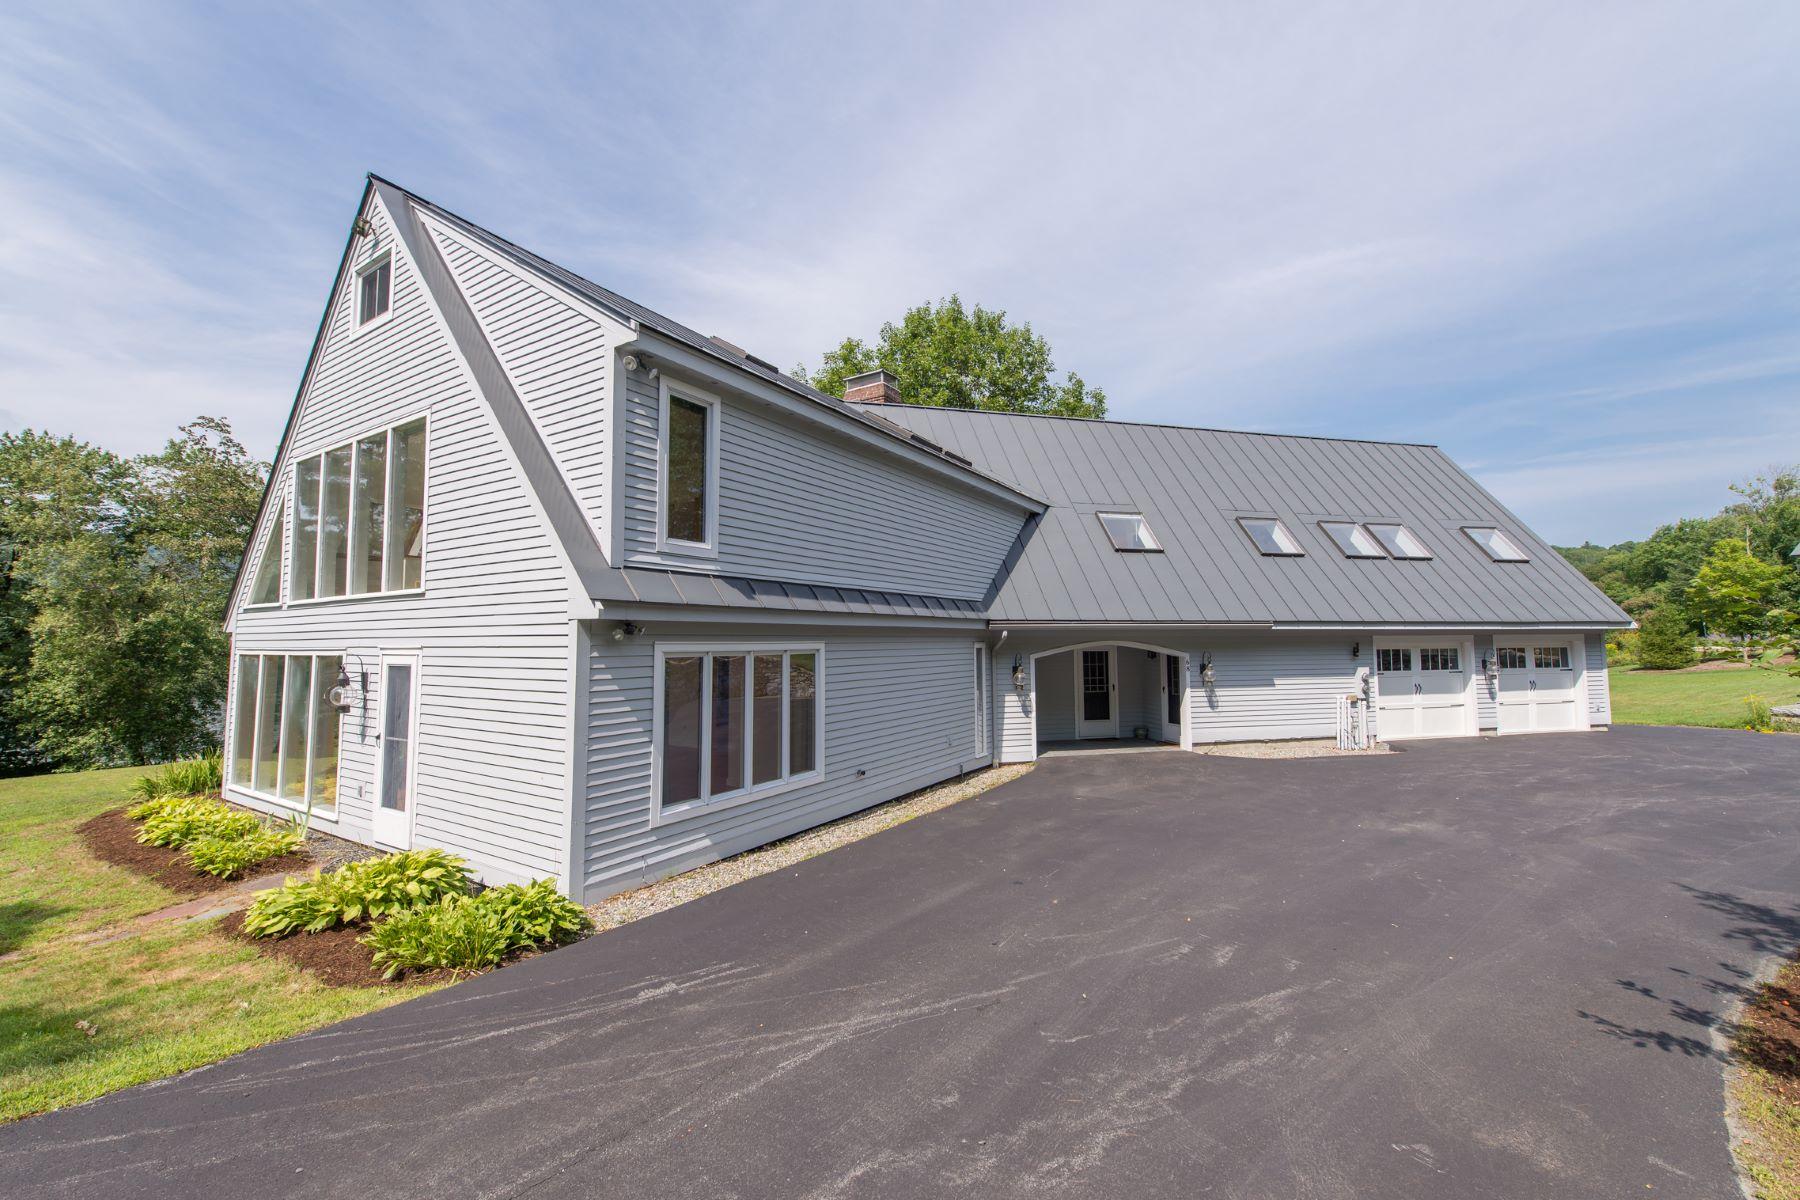 一戸建て のために 売買 アット Contemporary Cape in Enfield 68 Stevens, Enfield, ニューハンプシャー, 03748 アメリカ合衆国